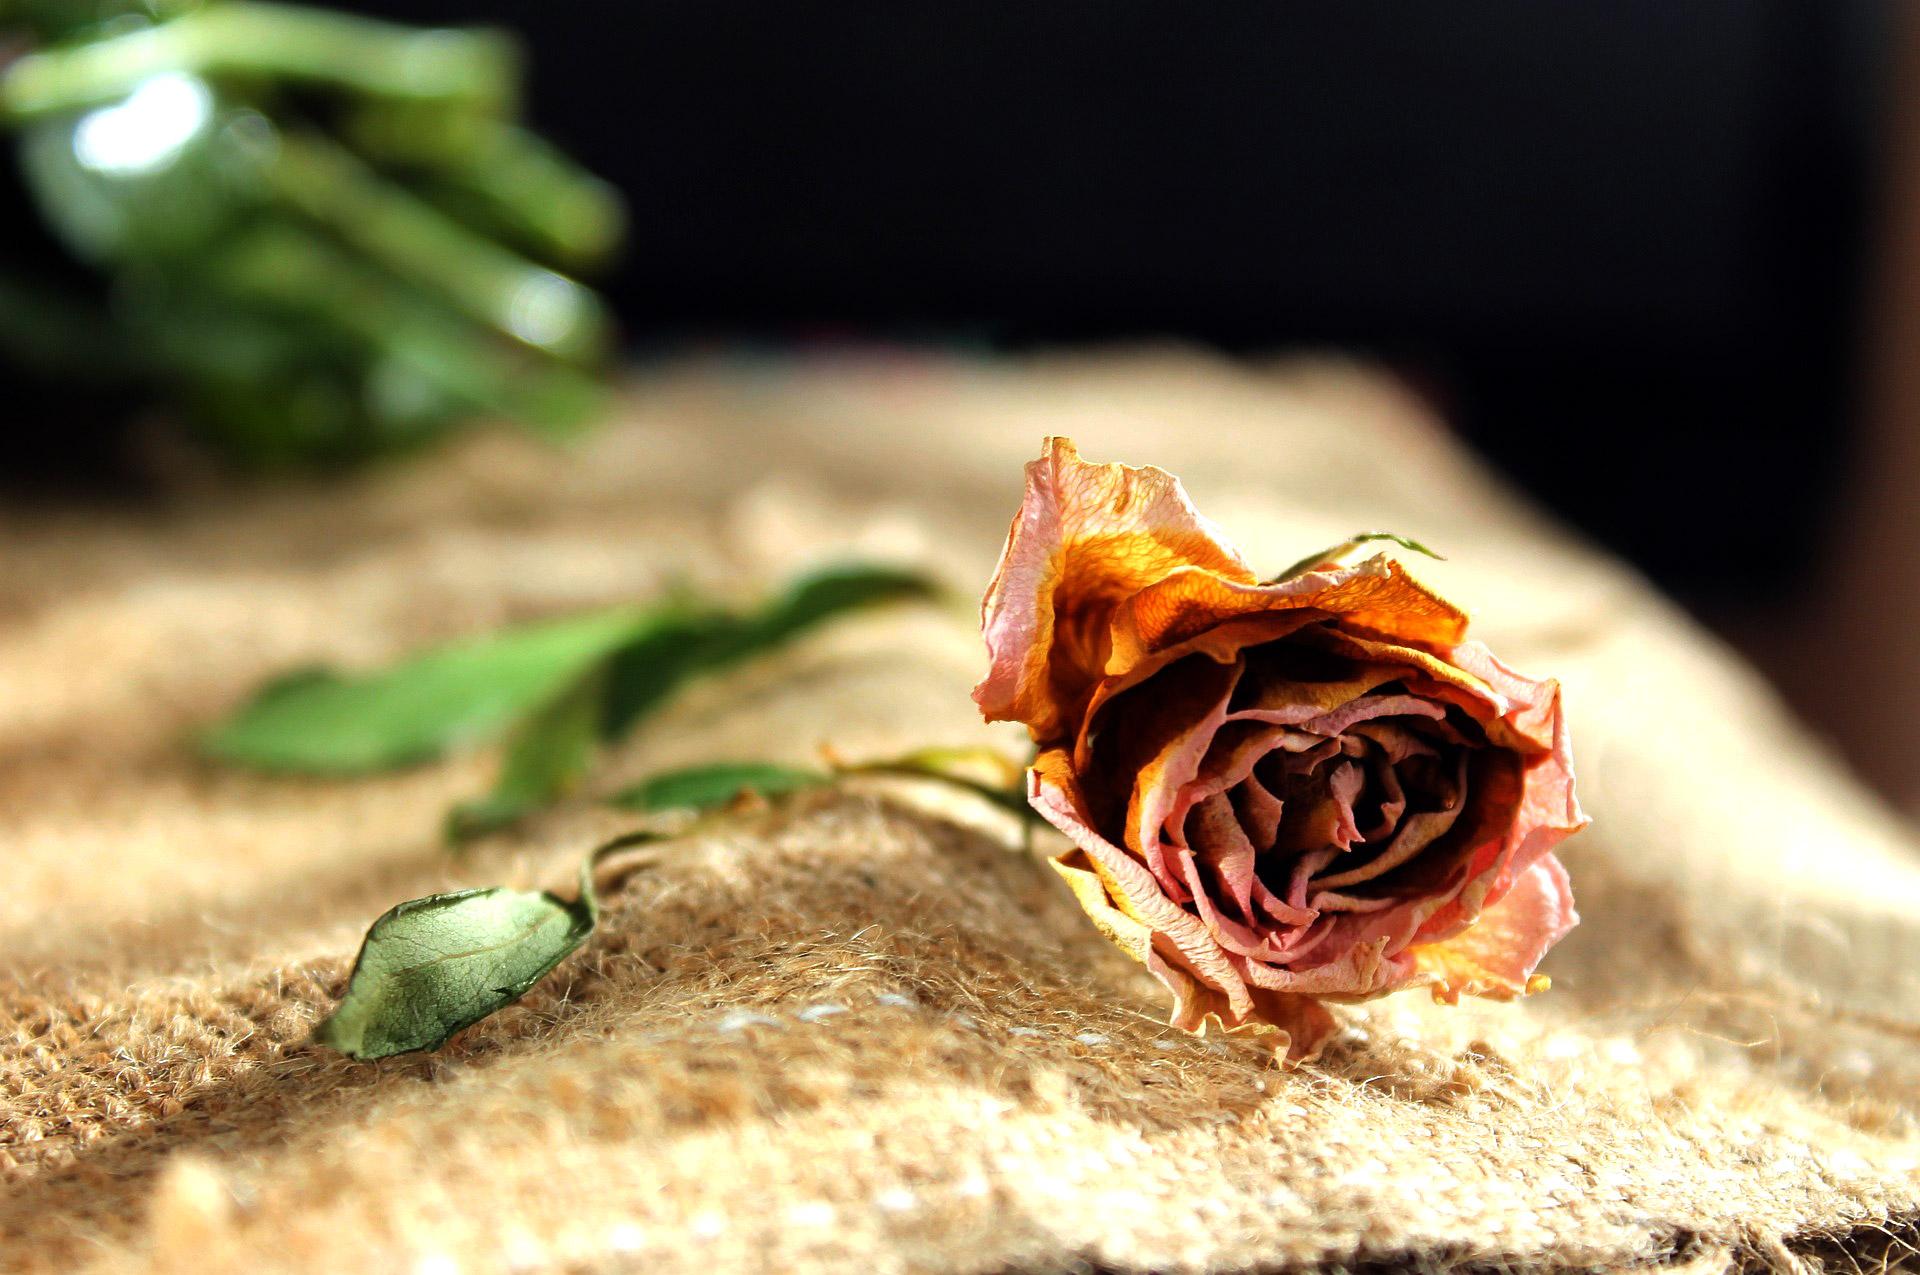 Duurzaam Einde ouderen ongeneeslijk ziek overlijden